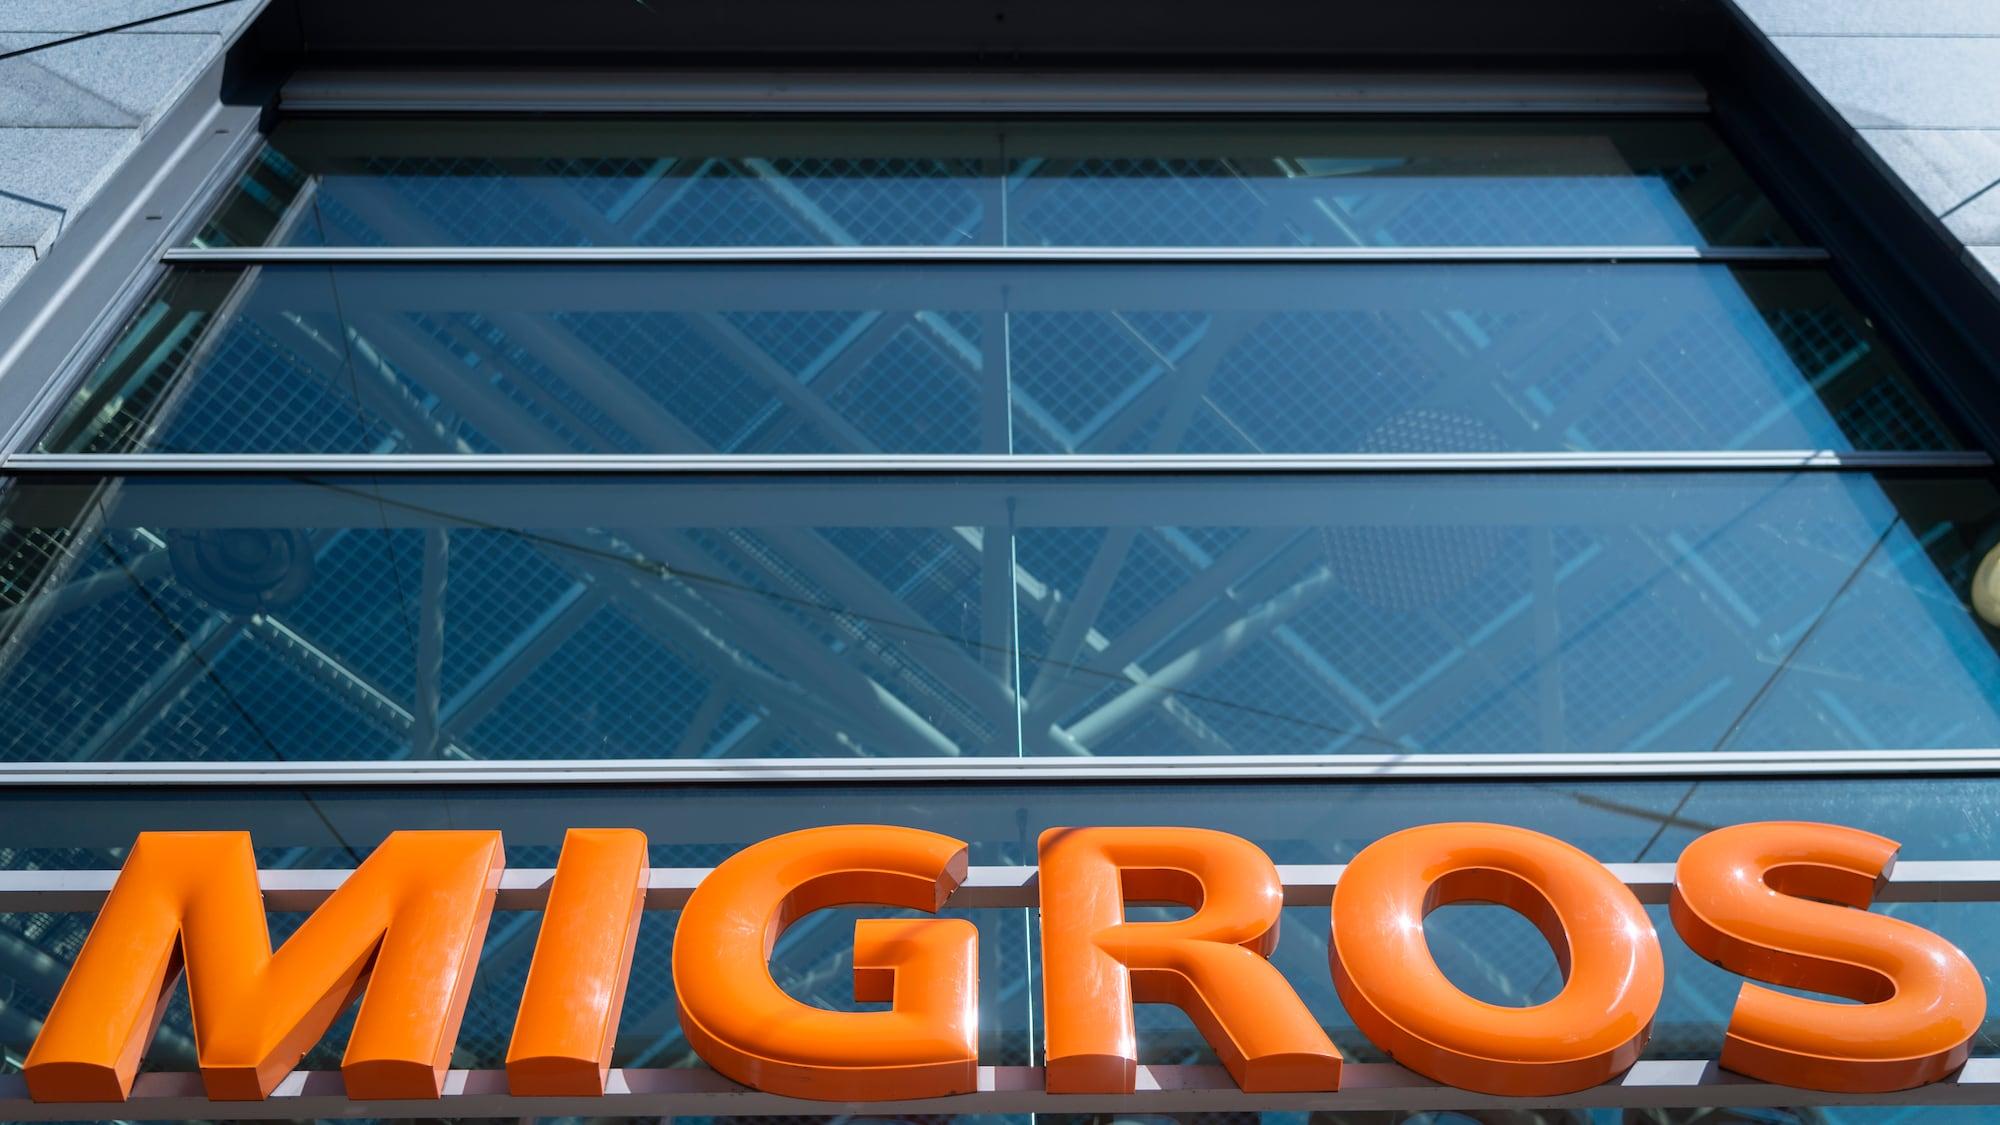 ieferdienst Annanow verspricht Auslieferungen unter einer Stunde: Migros und Manor setzen neu auf Hobby-Kuriere